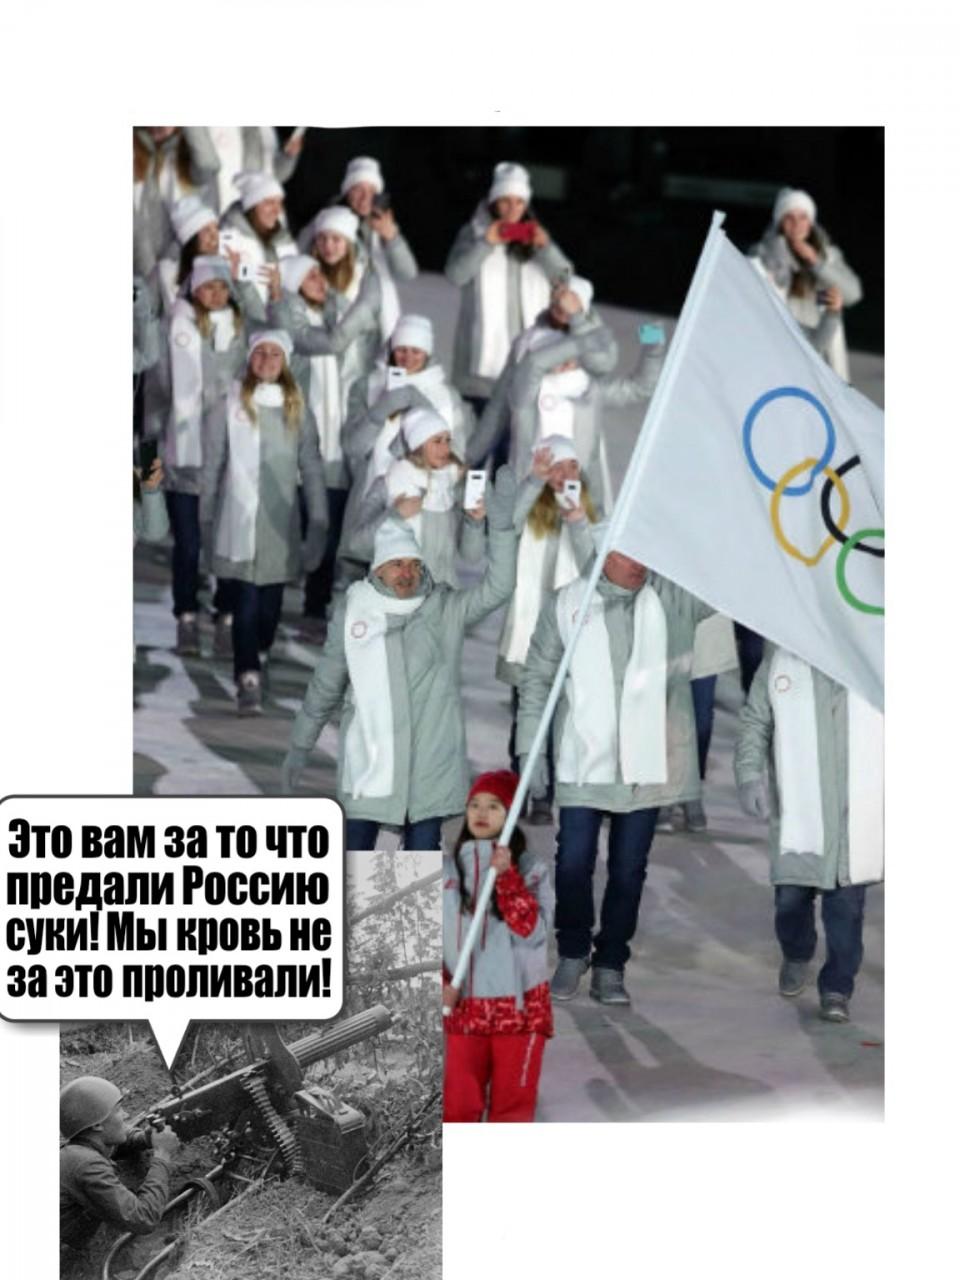 """Читаю заголовки некоторых заступников нейтральных спортсменов """"А как же это """"Русские своих не бросают?"""" как тогда так?"""" Это еще кто кого бросил!"""